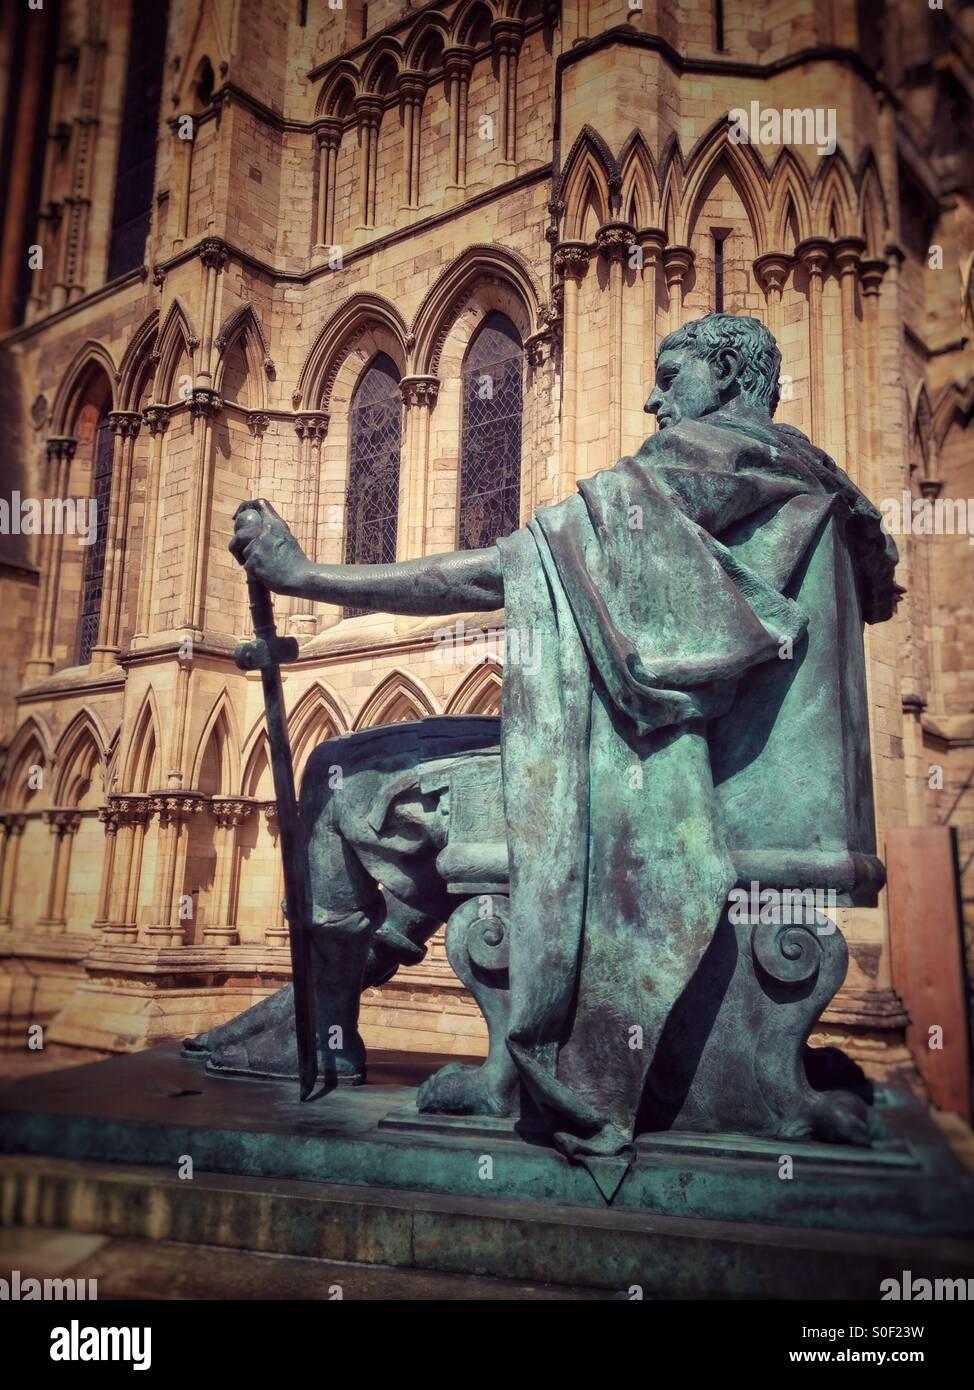 El emperador Constantino estatua fuera una iluminada por el sol de York Minster, Yorkshire, Inglaterra Imagen De Stock